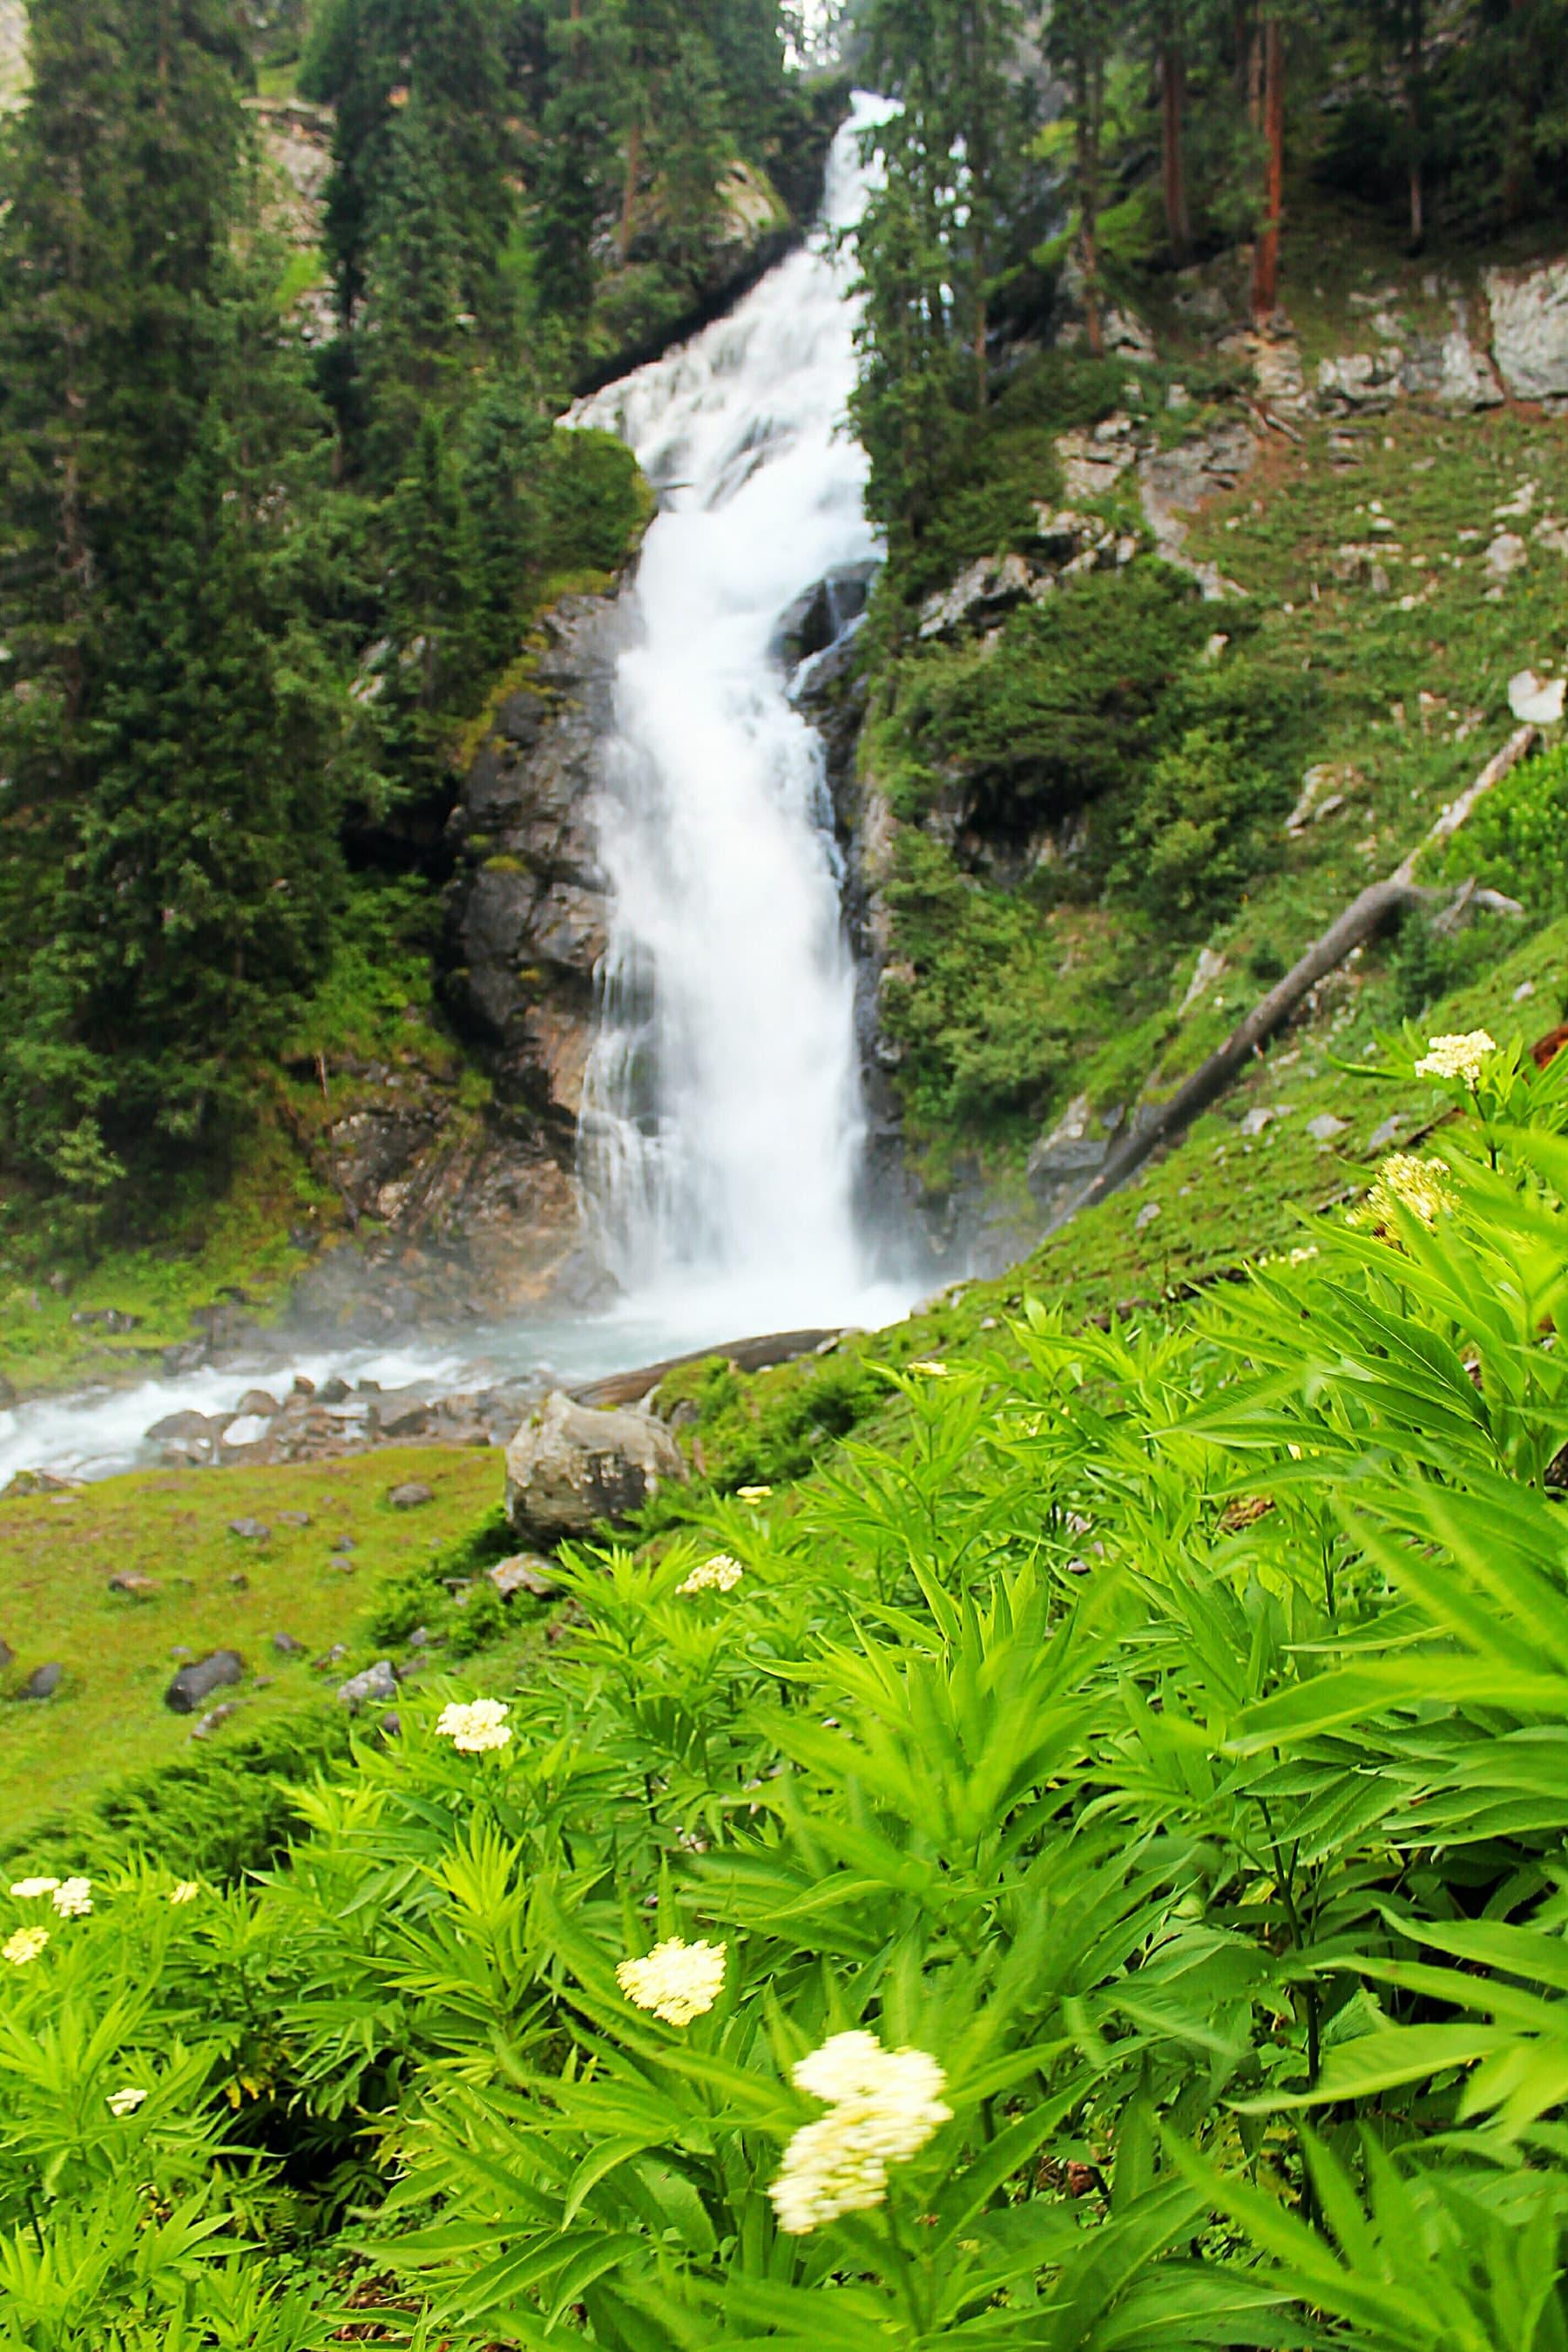 جہاز بانڈہ کی خوبصورت آبشار—عظمت اکبر